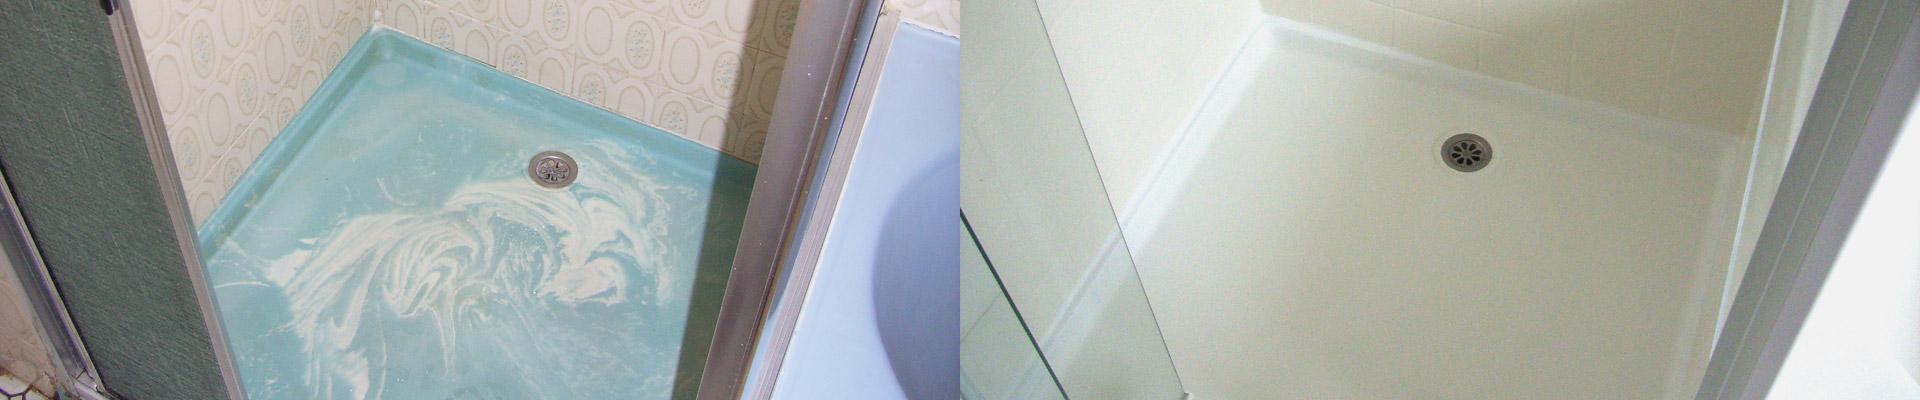 Bathroom Tiles Resurfacing bathroom resurfacing reviews | bathtub resurfacing reviews | tile